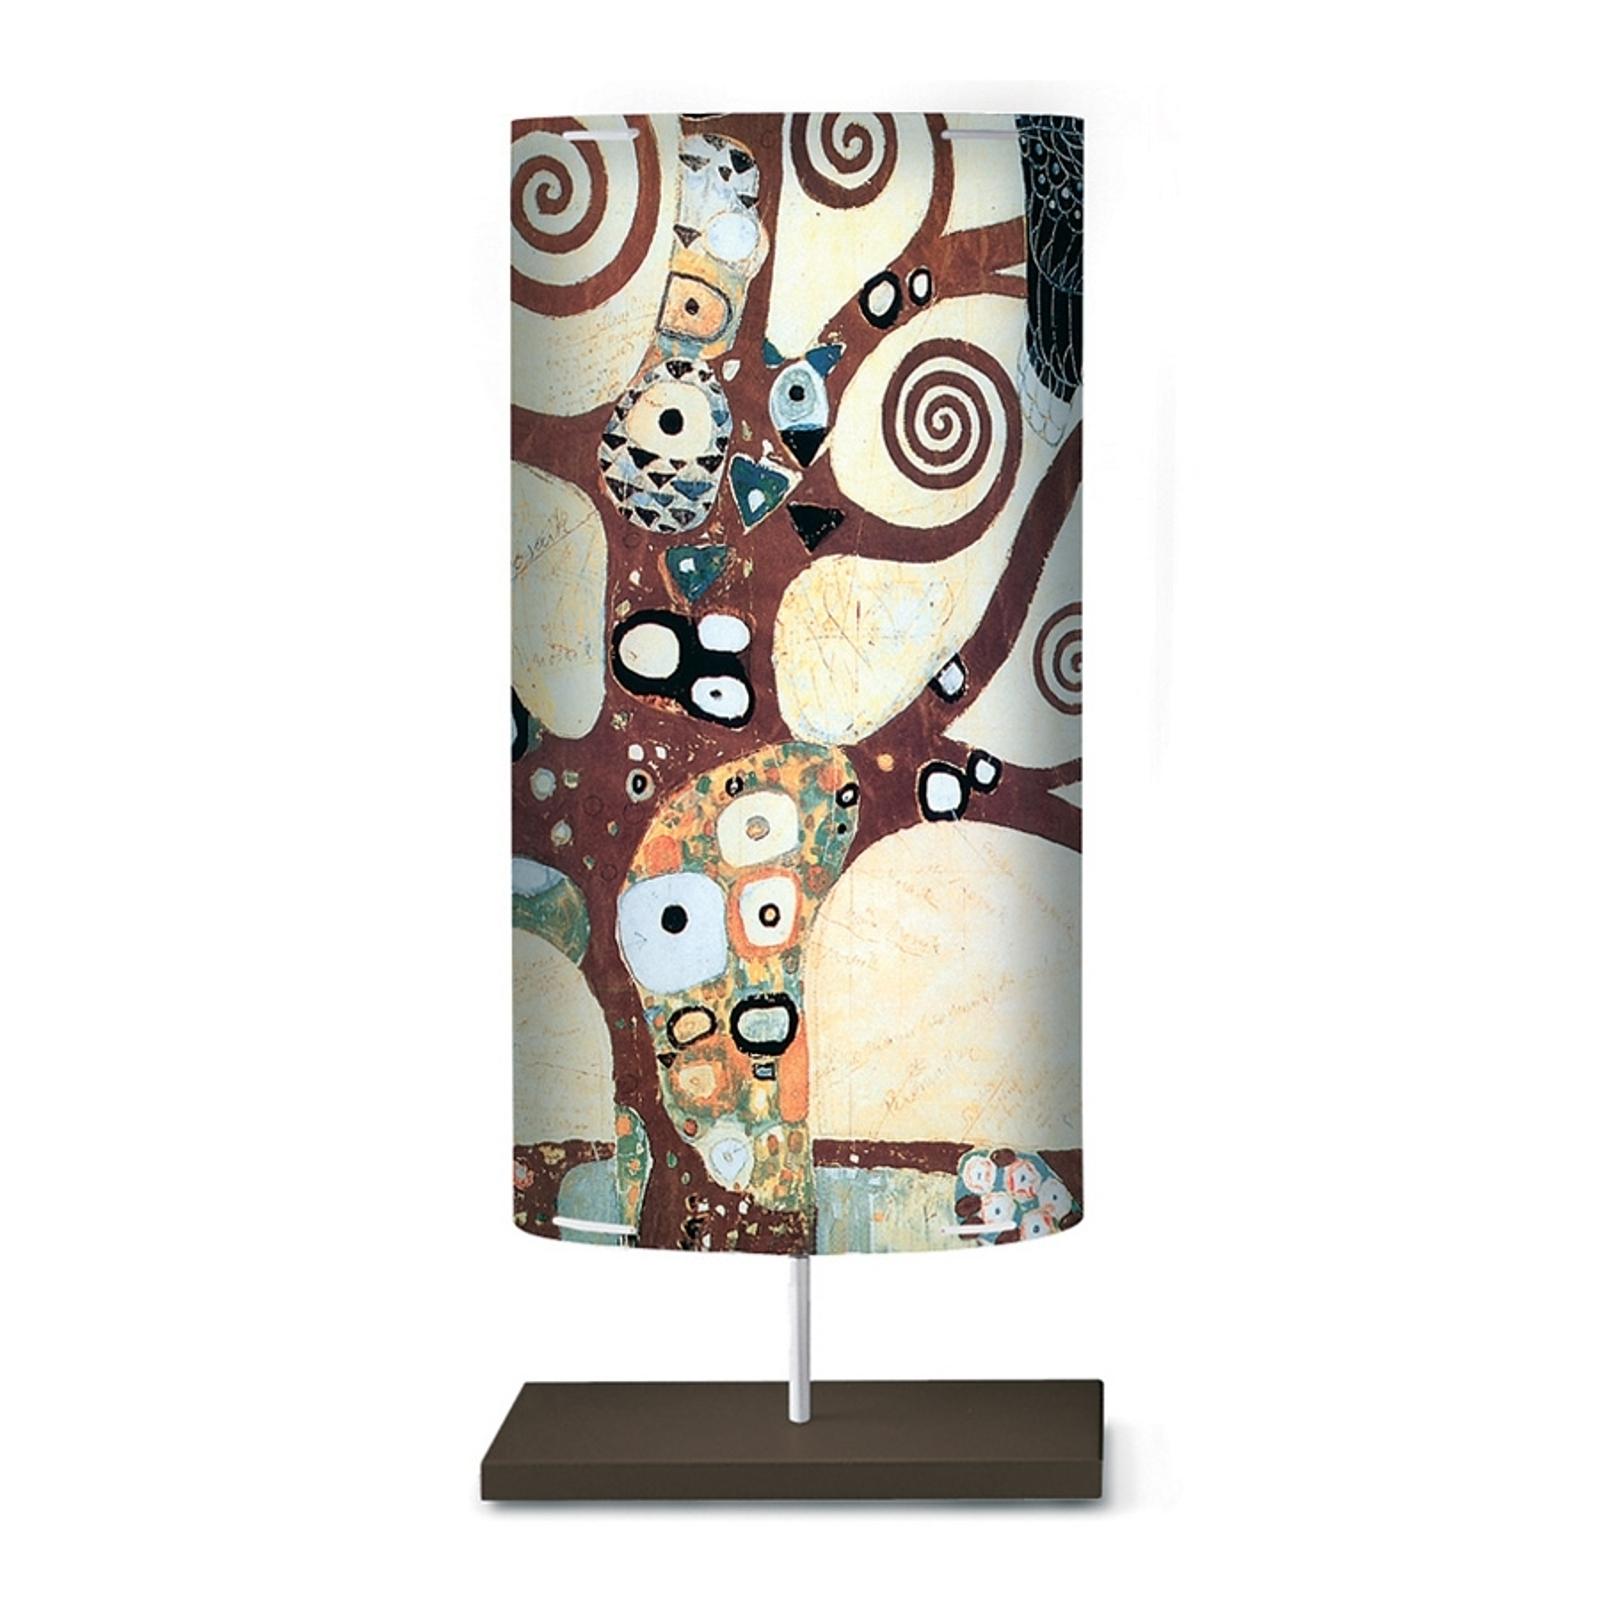 Golvlampa Klimt I med konstmotiv